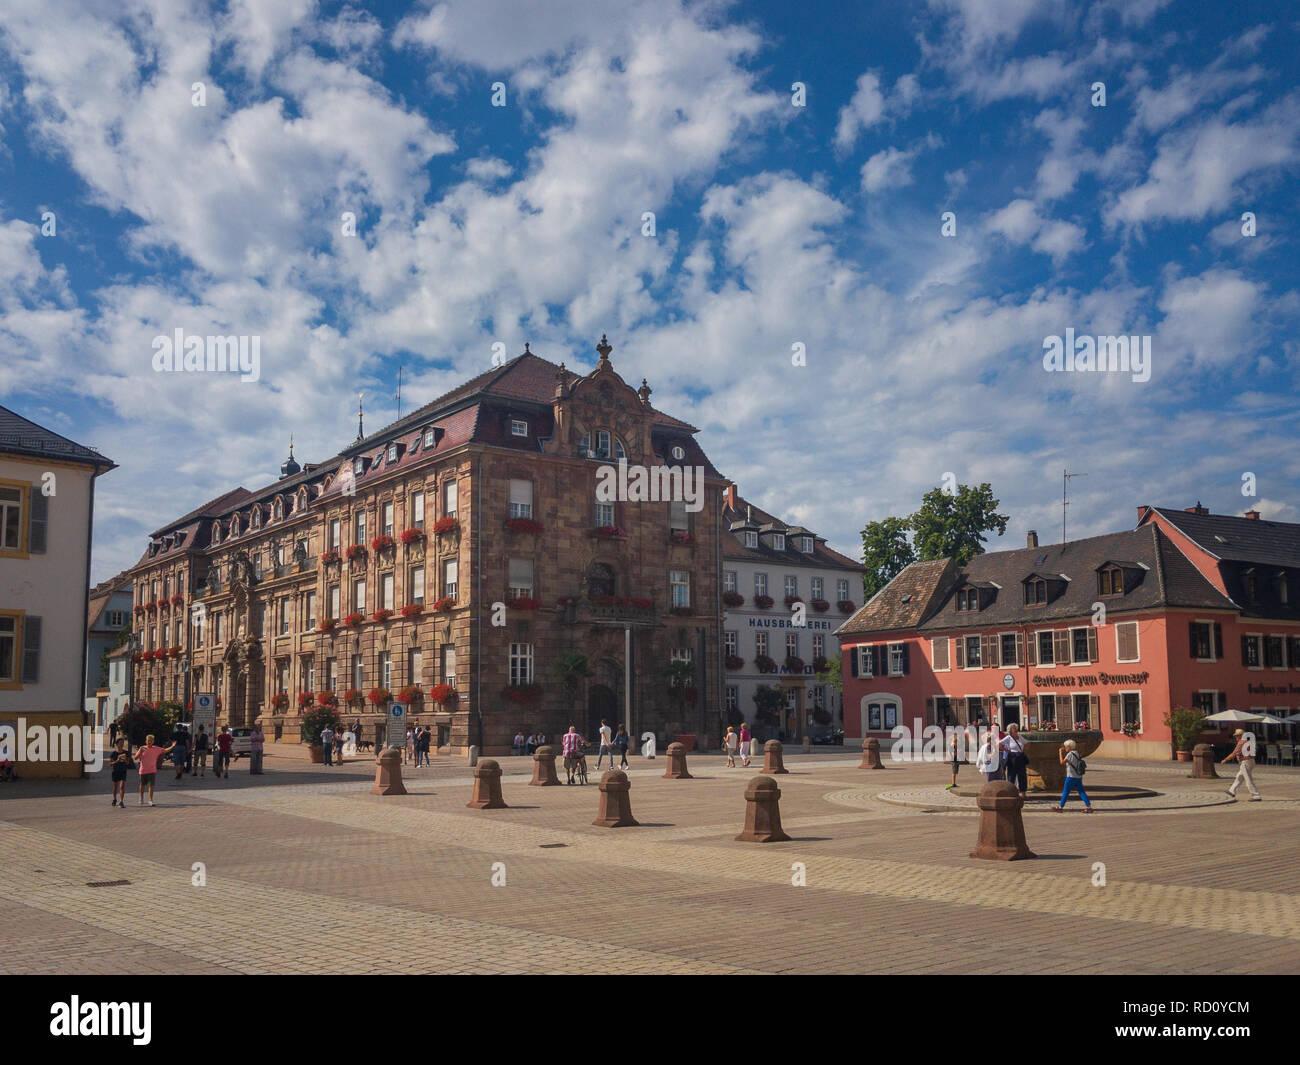 Speyer, Deutschland - 17. August 2017: Stadtbild von Speyer, Deutschland mit Domplatz und Stadthaus Stockbild